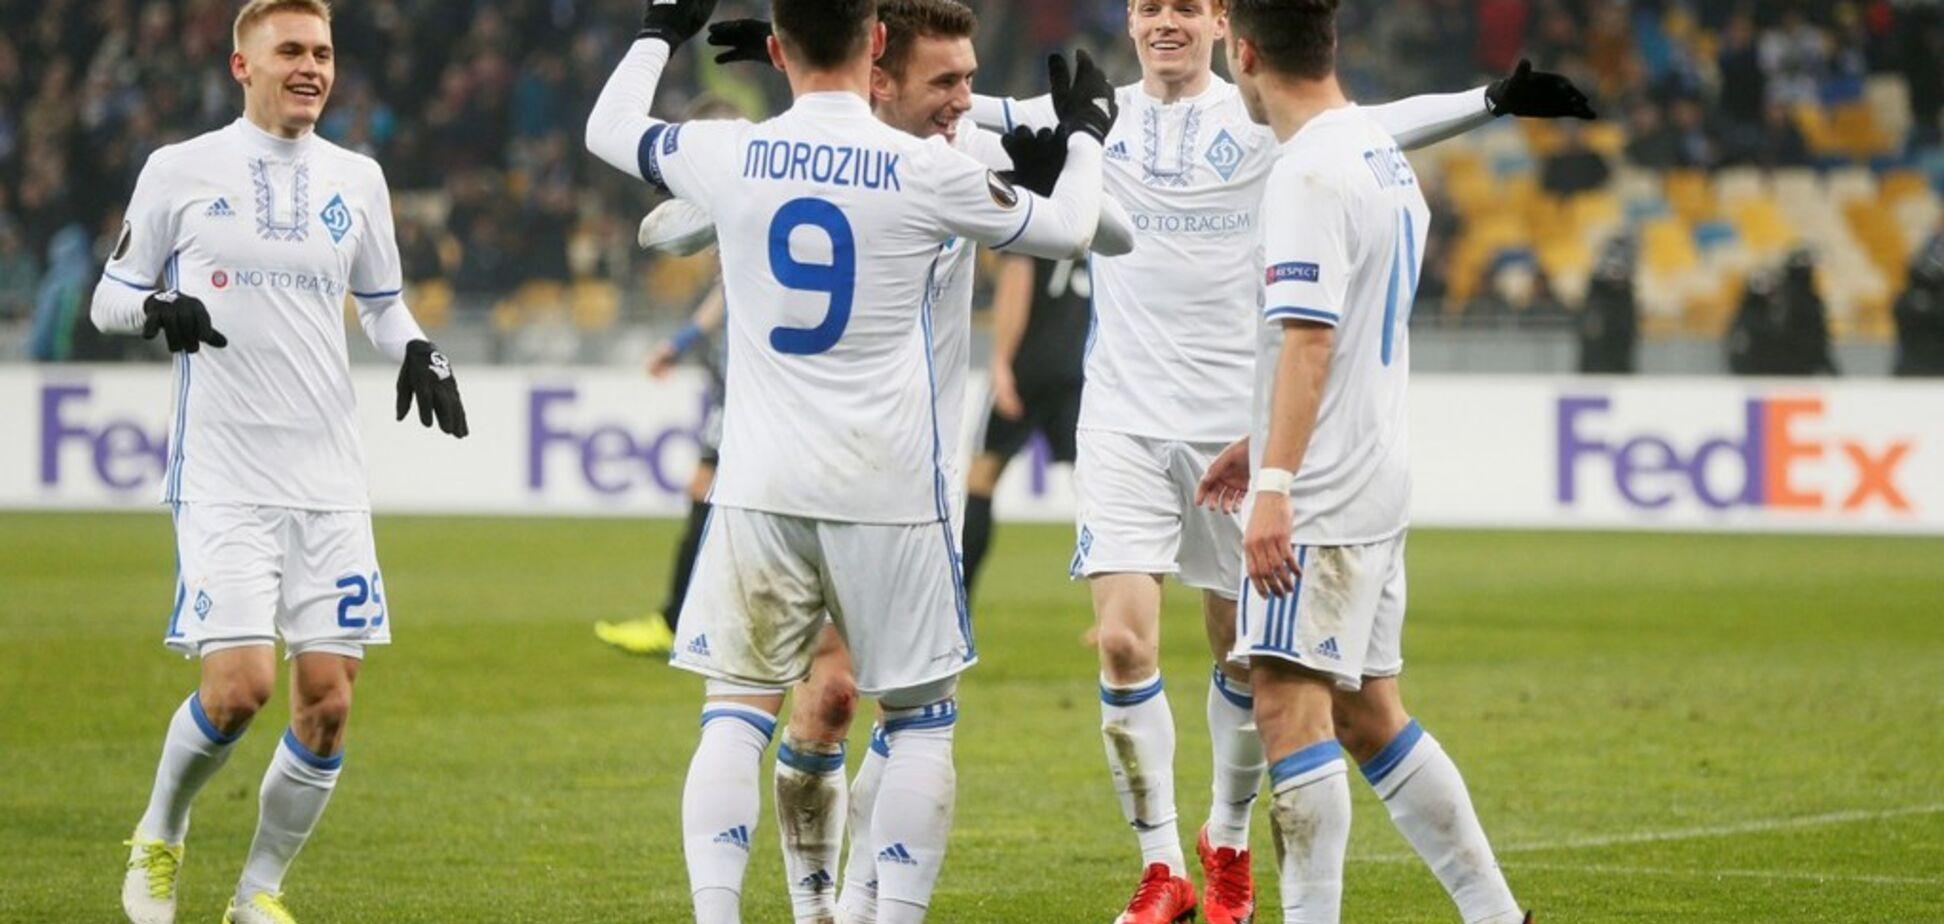 Ренн — Динамо: де сьогодні дивитися онлайн матч Ліги Європи